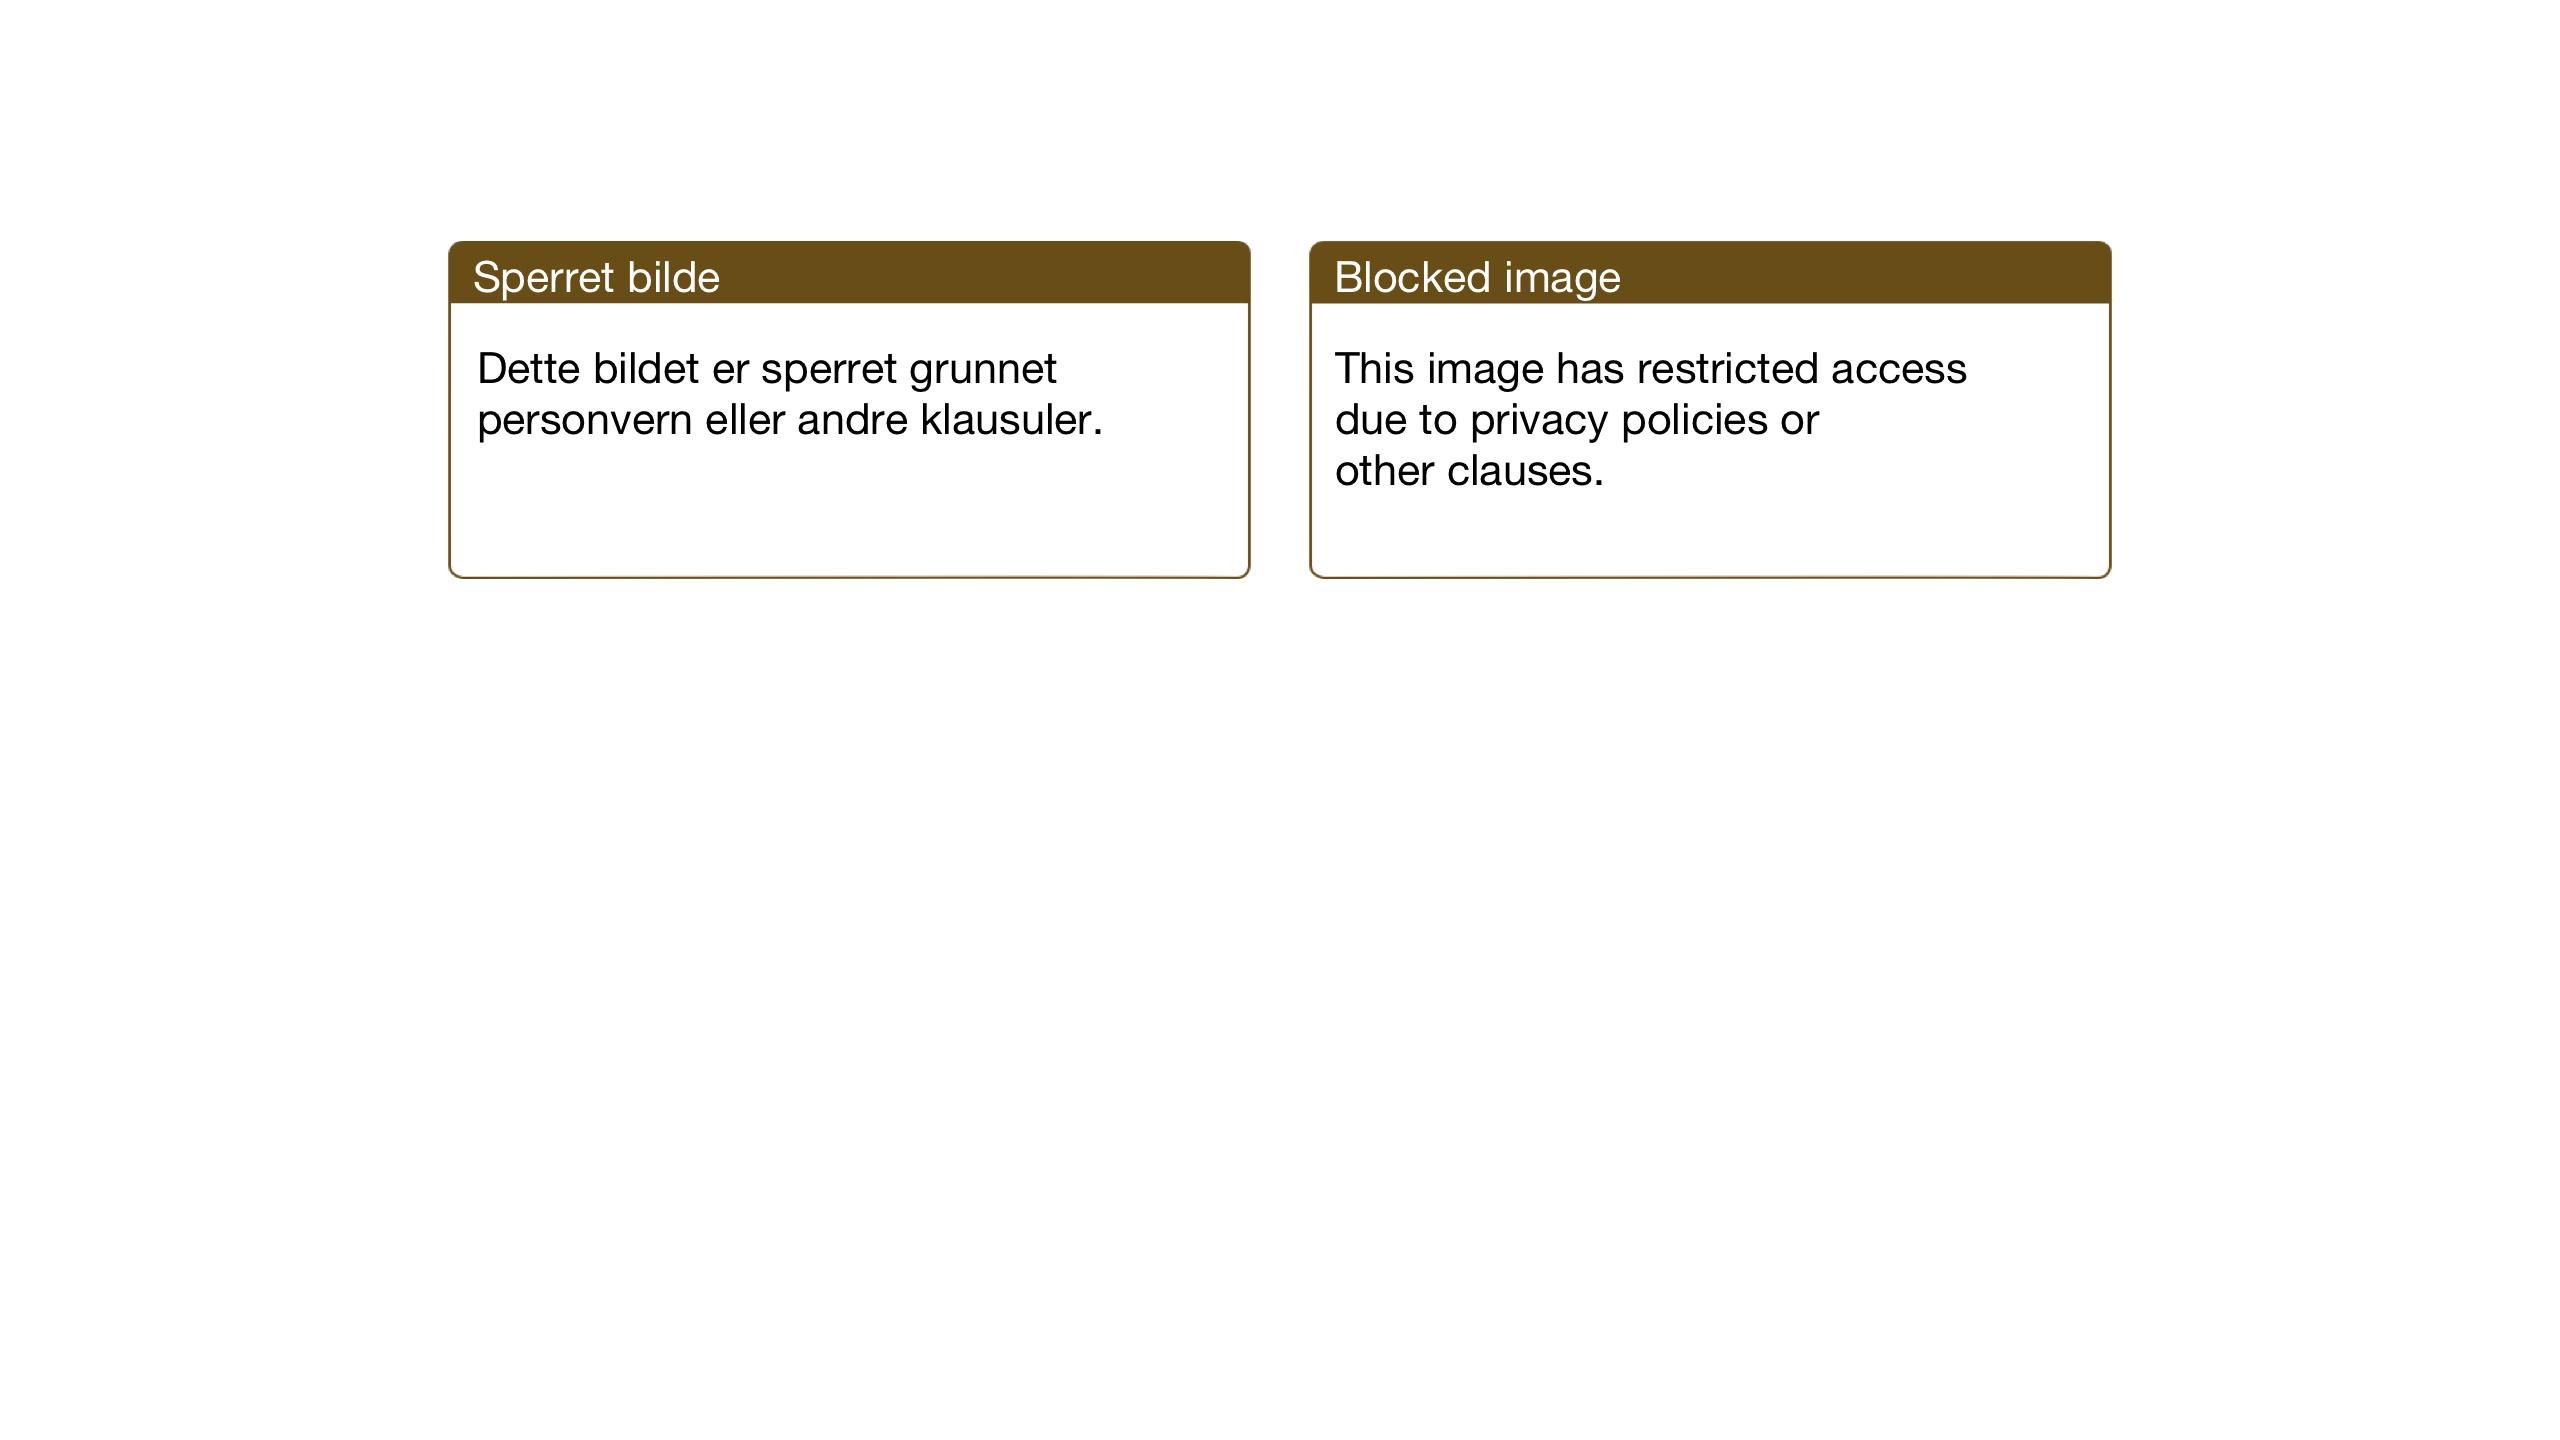 SAT, Ministerialprotokoller, klokkerbøker og fødselsregistre - Nord-Trøndelag, 701/L0019: Klokkerbok nr. 701C03, 1930-1953, s. 191